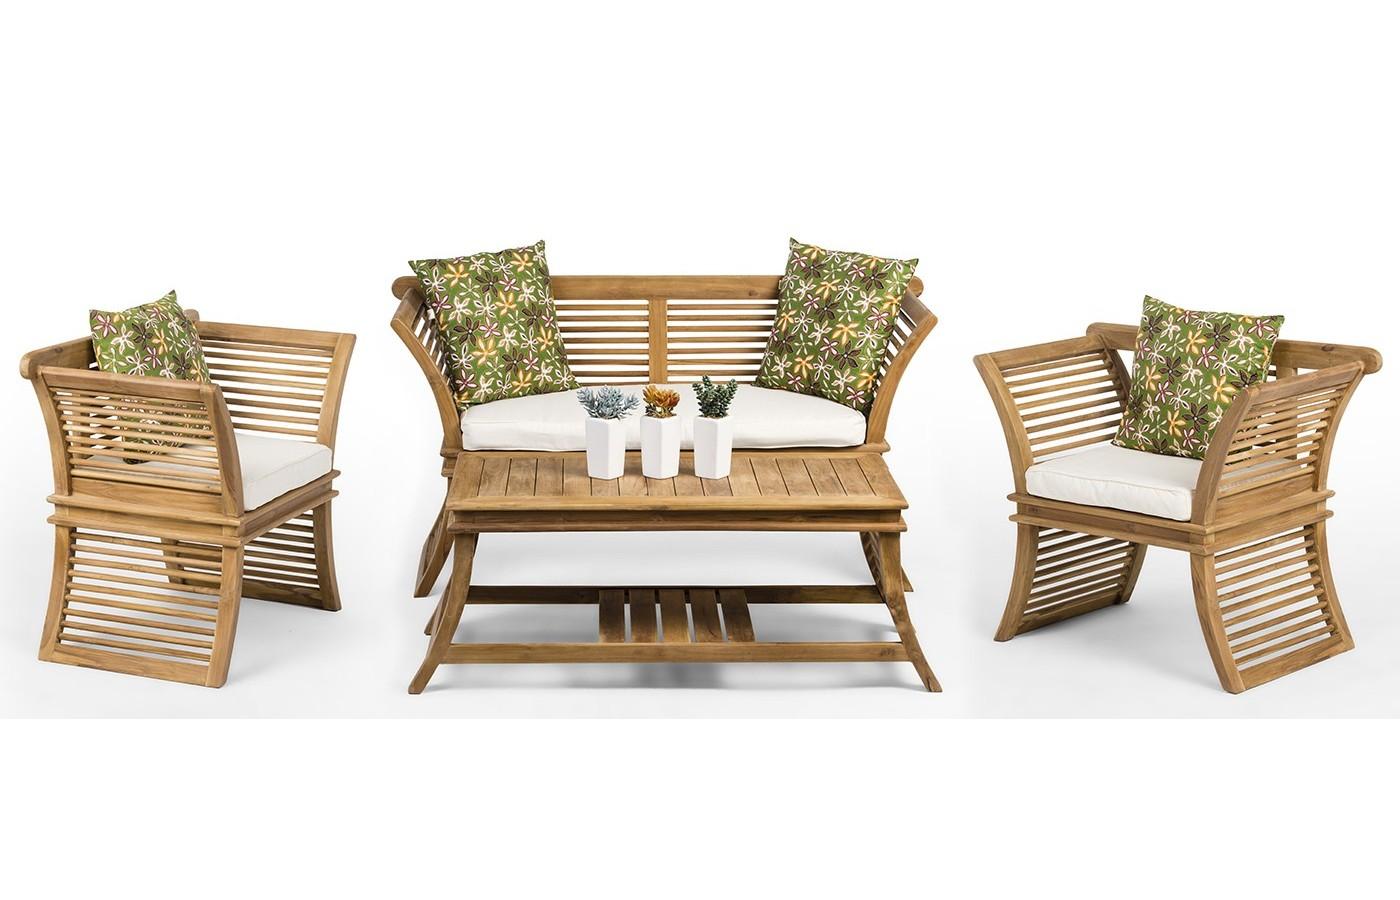 Auster A Teak Wood Set Of Garden Furniture